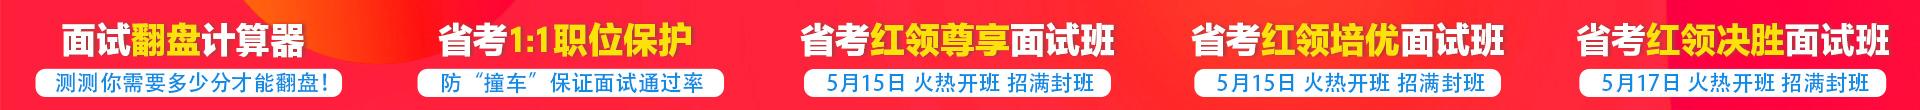 2019廣東公務員面試課程